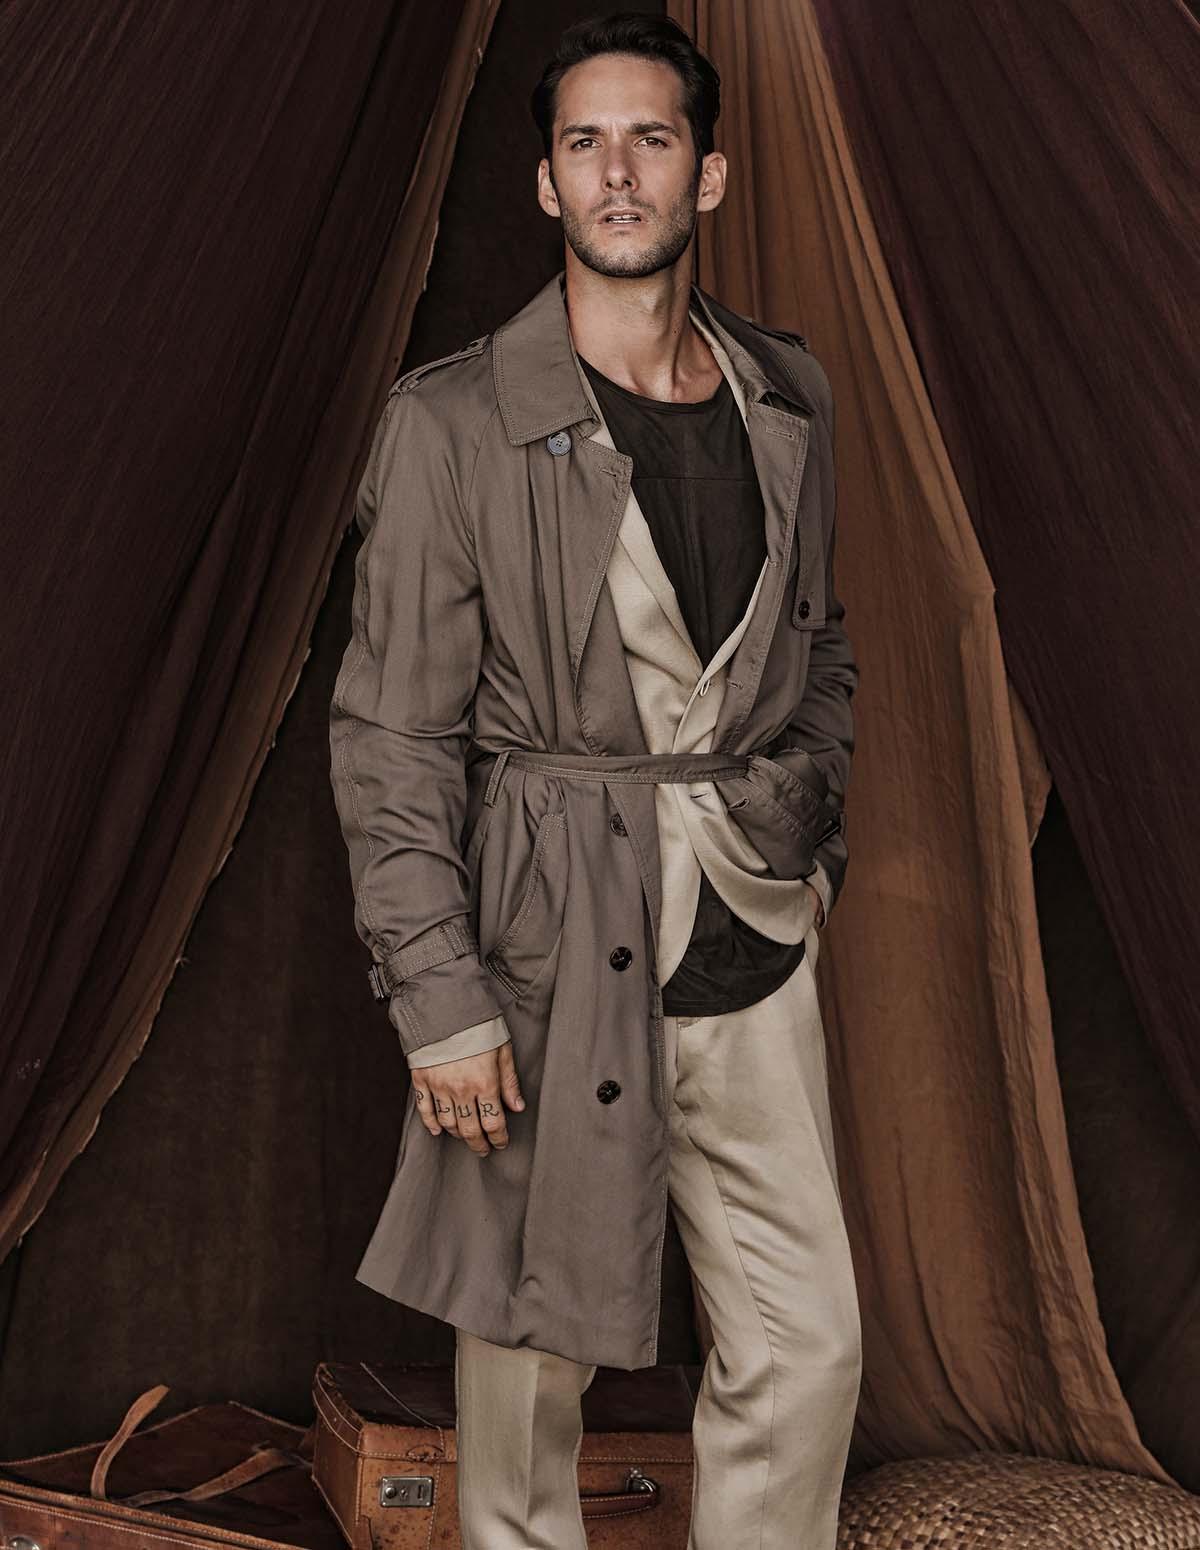 Luccas de Capra by Maurizio Montani for Brazilian Male Model